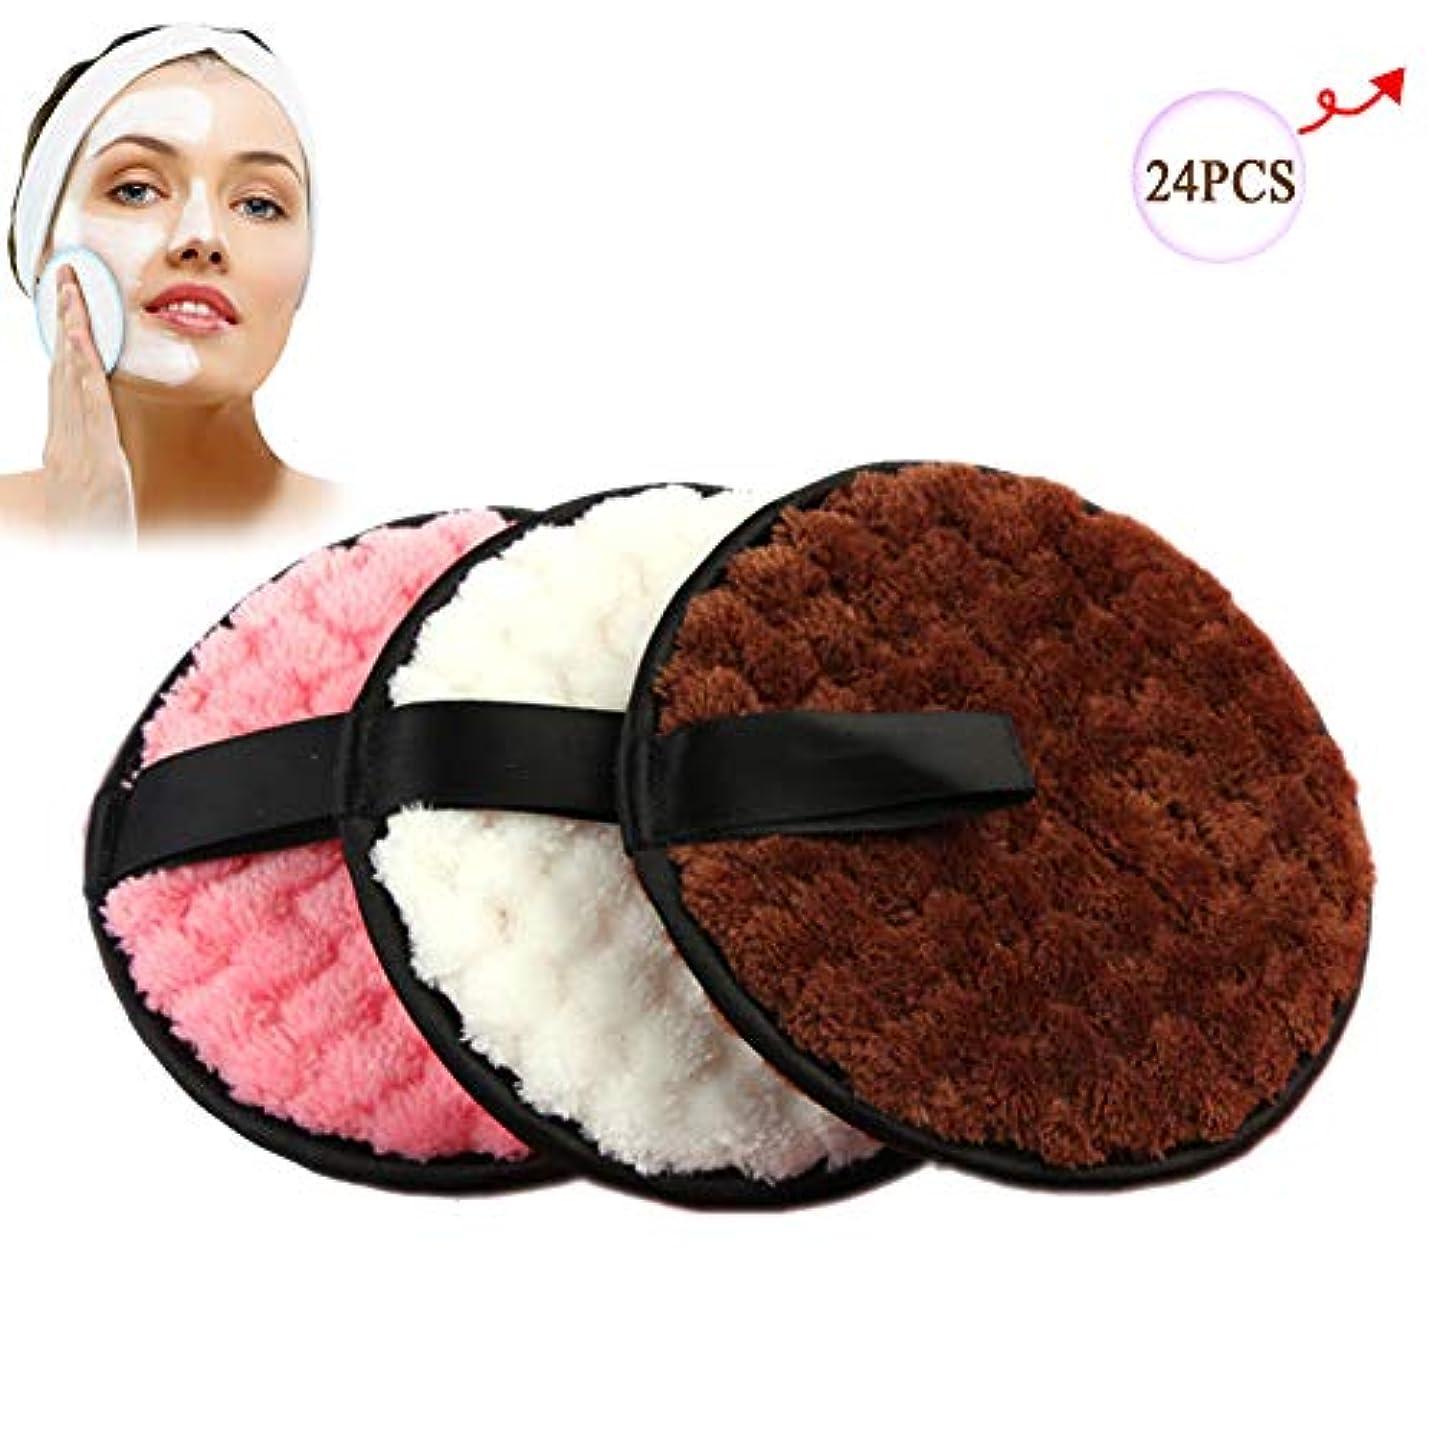 背骨スクレーパーシダリムーバーパッド、再利用可能なクレンジングコットンファイバー吸収性綿パッド女性のための顔/目/唇,24PCS